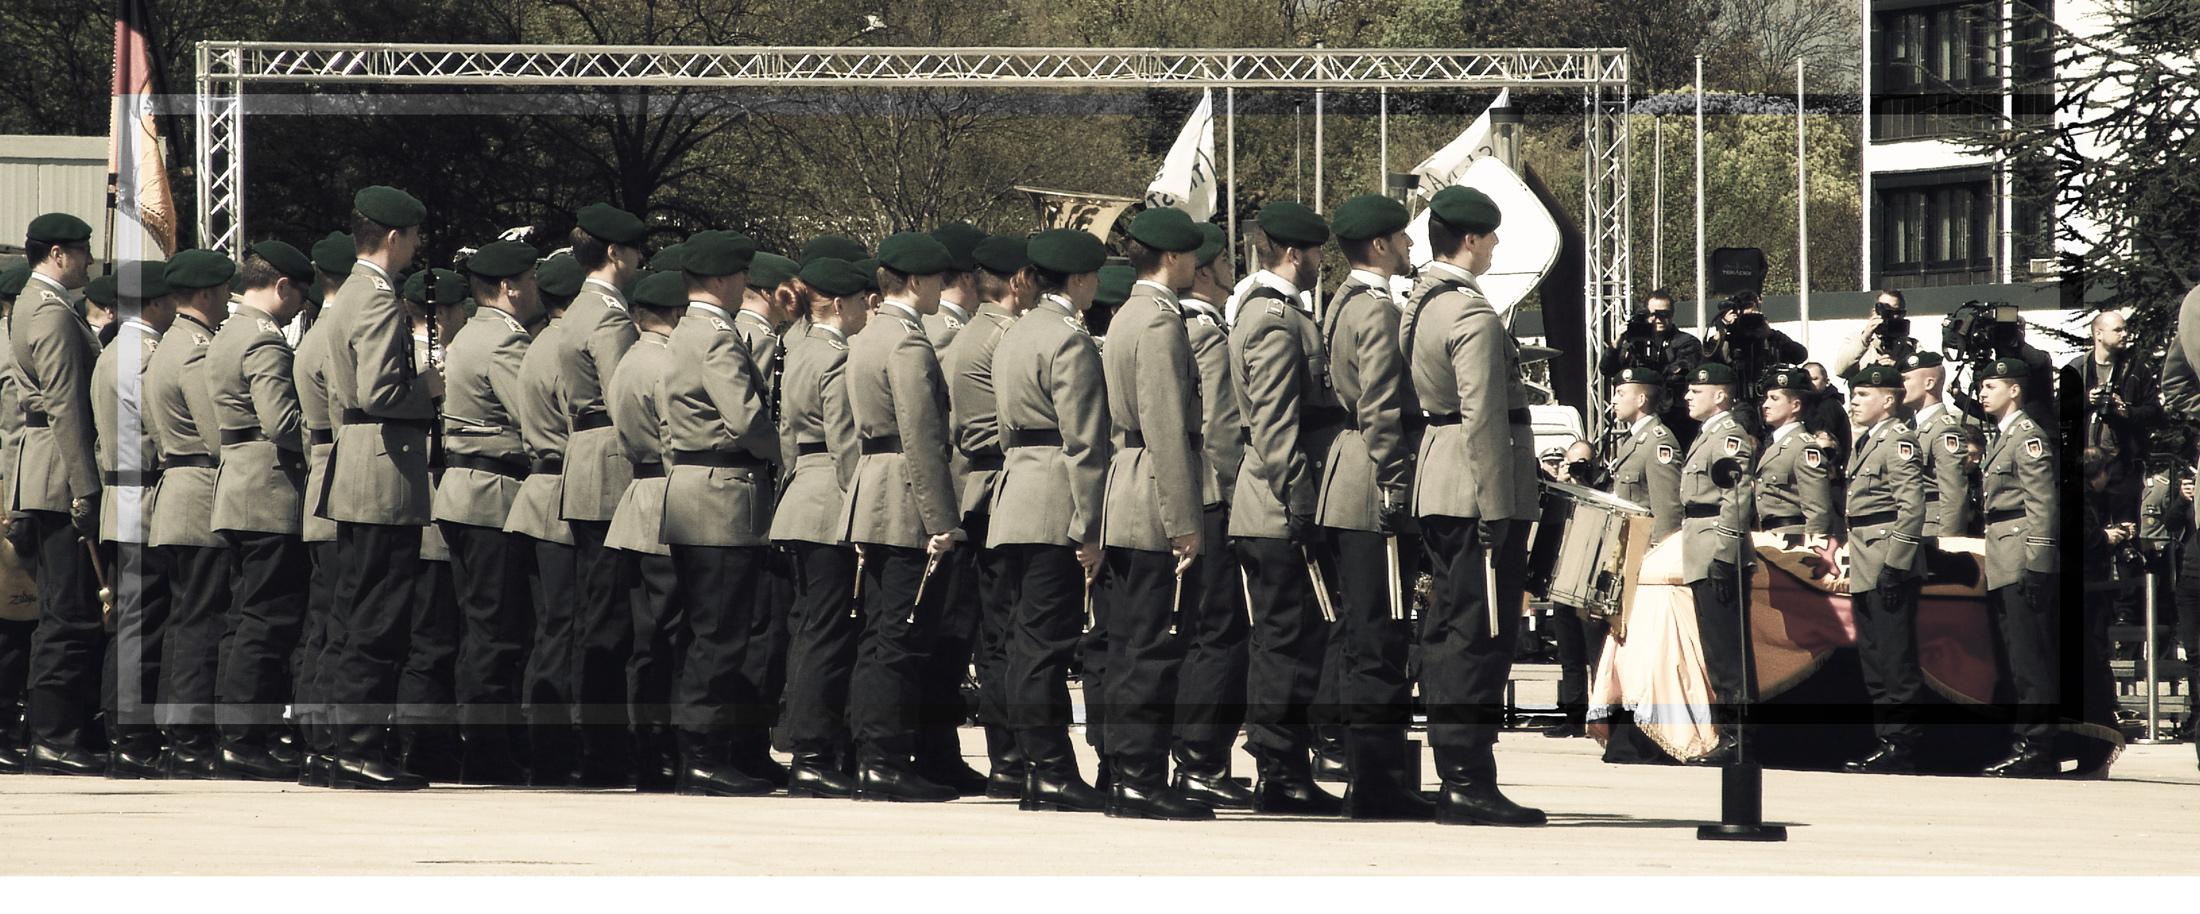 Die Bundeswehr hat 11.733 Minderjährige an der Waffe ausgebildet